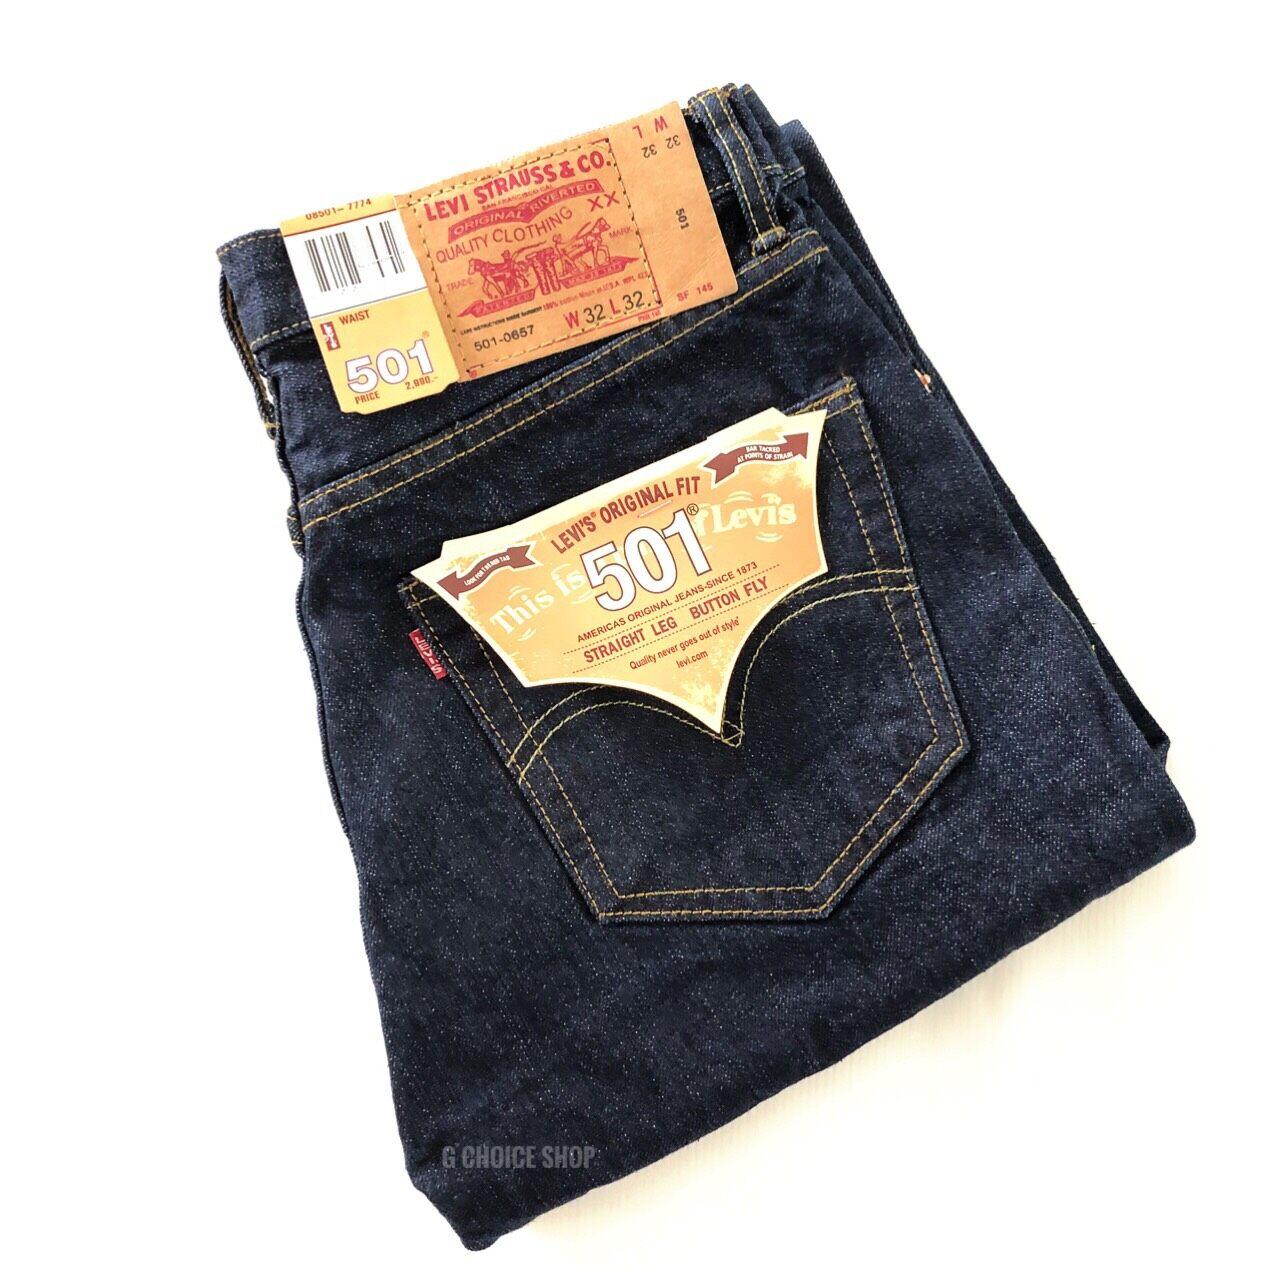 กางเกงยีนส์ Levis 501 ผ้าดิบ 14oz ริมแดง ทรงกระบอก - Dark Blue.